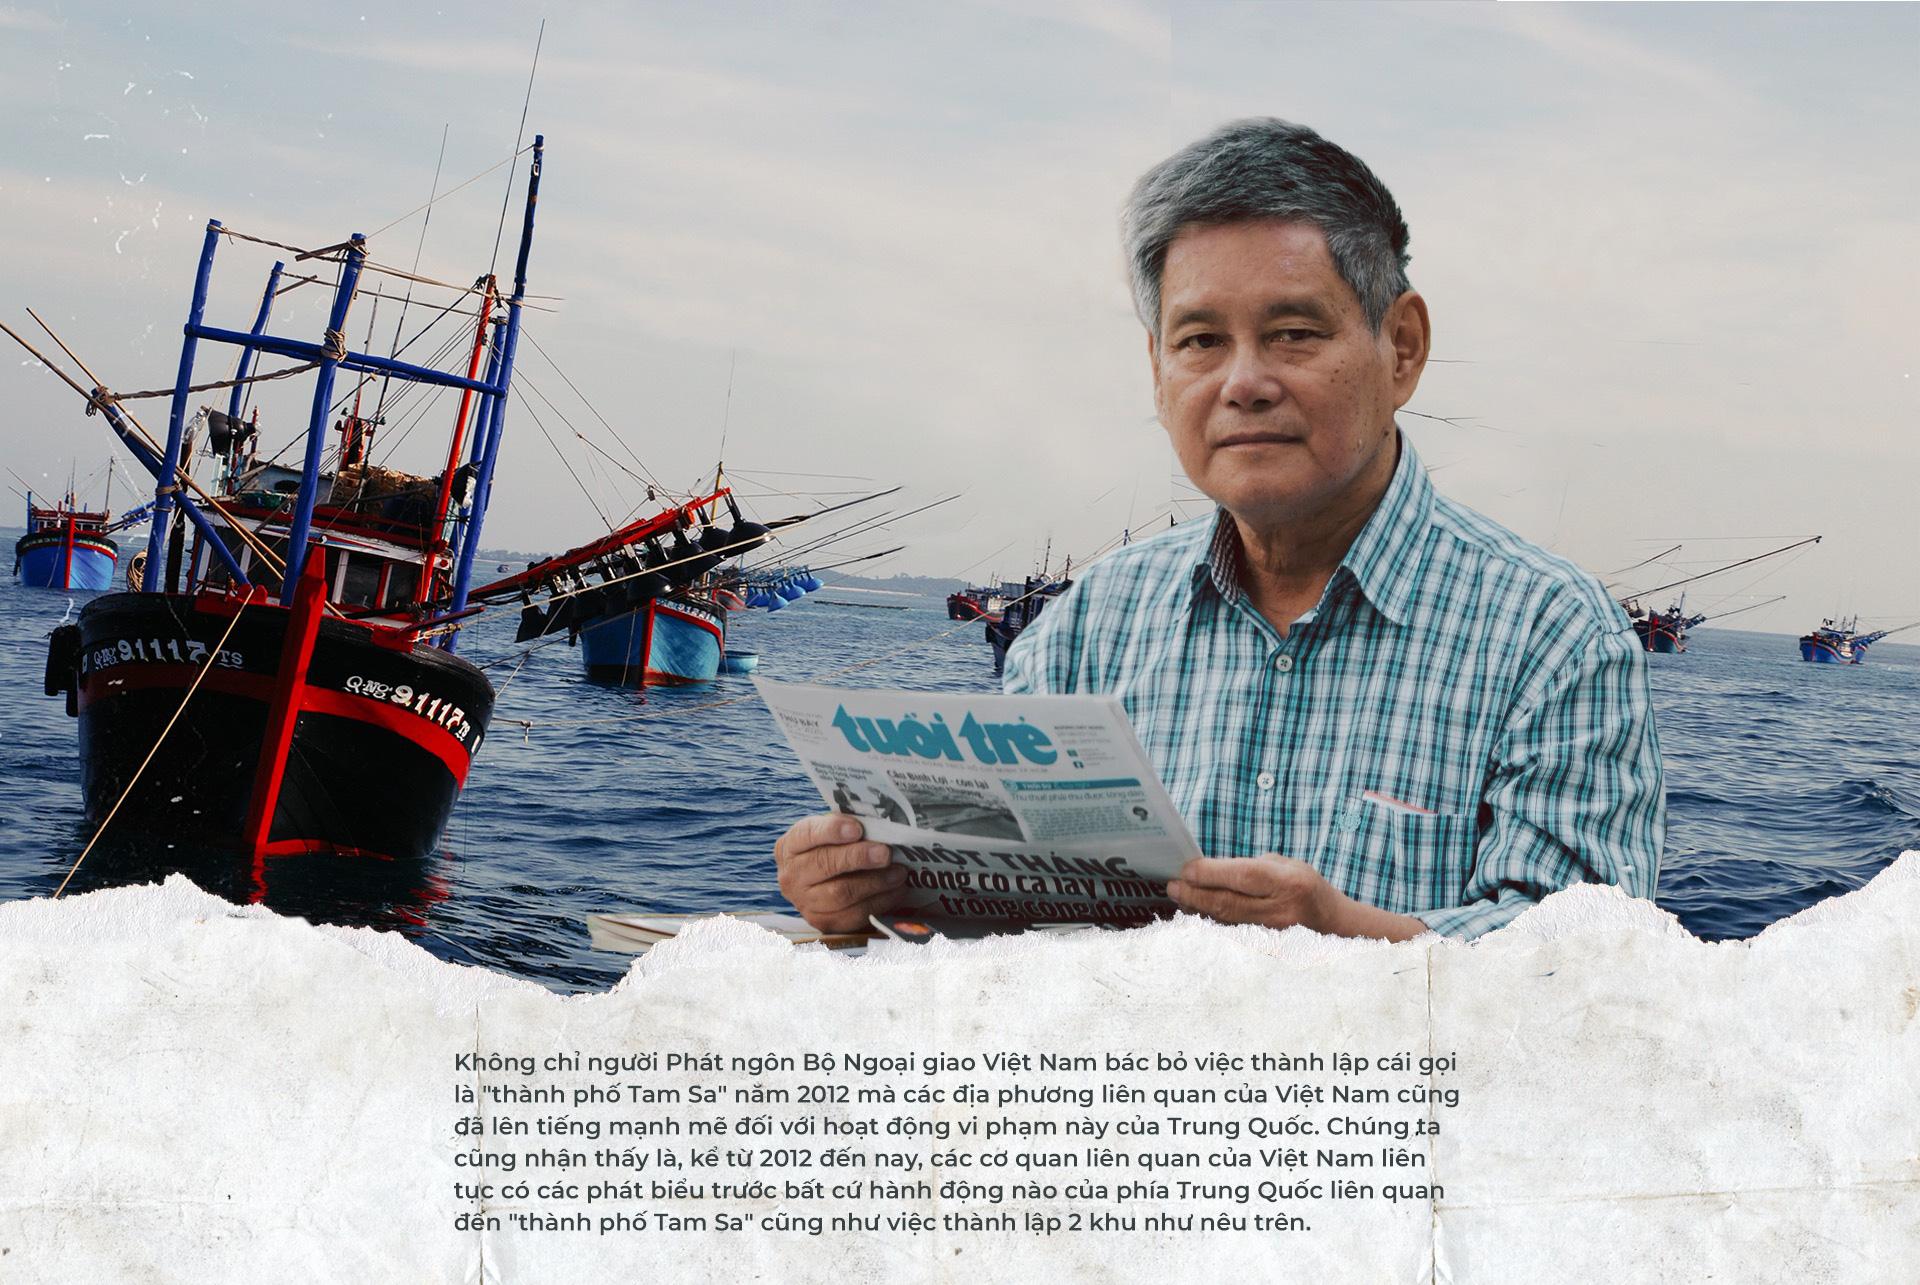 Vì sao Việt Nam có Công hàm phản đối Trung Quốc? - Ảnh 12.